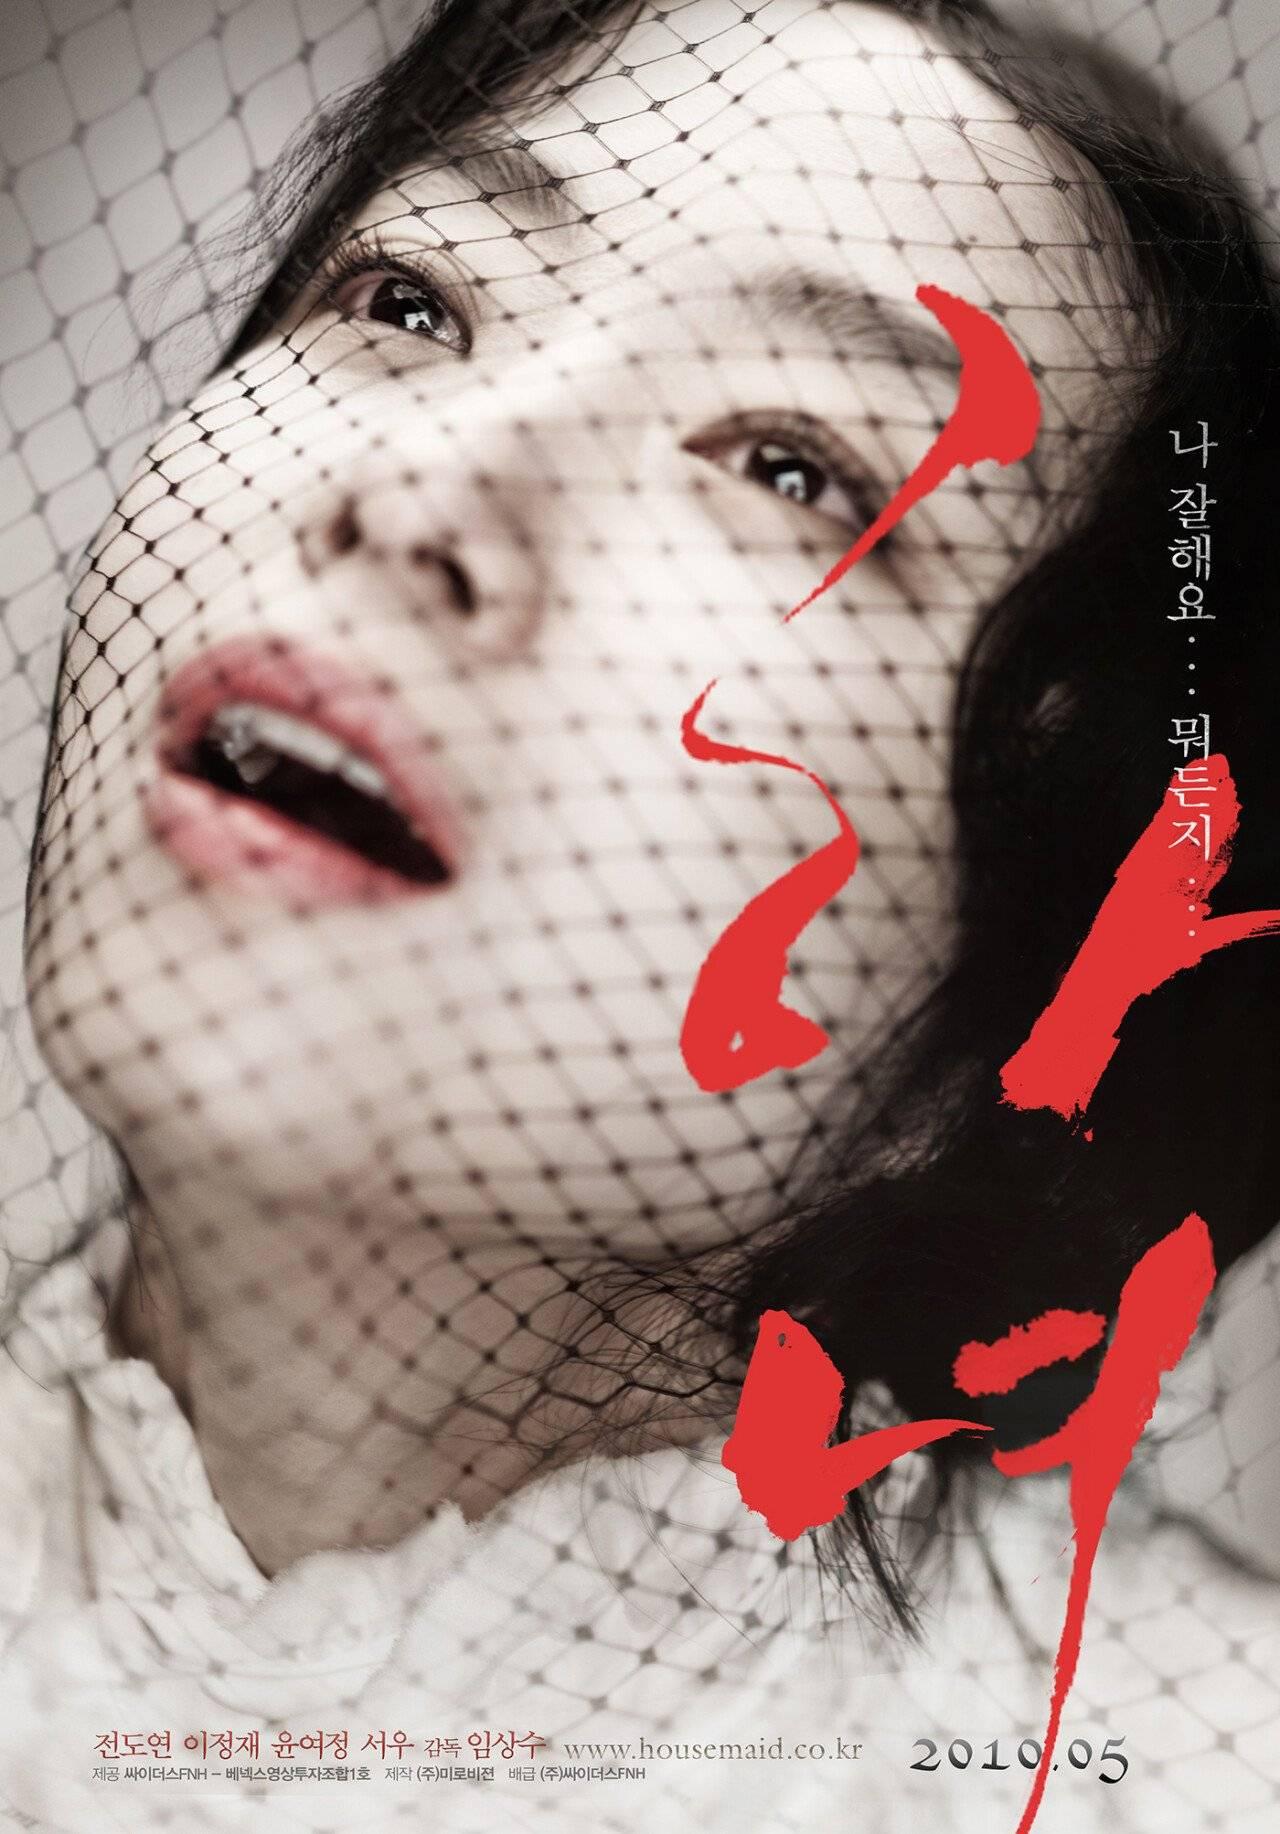 한국 스튜디오 '빛나는'에서 만든 영화 포스터들 | 인스티즈